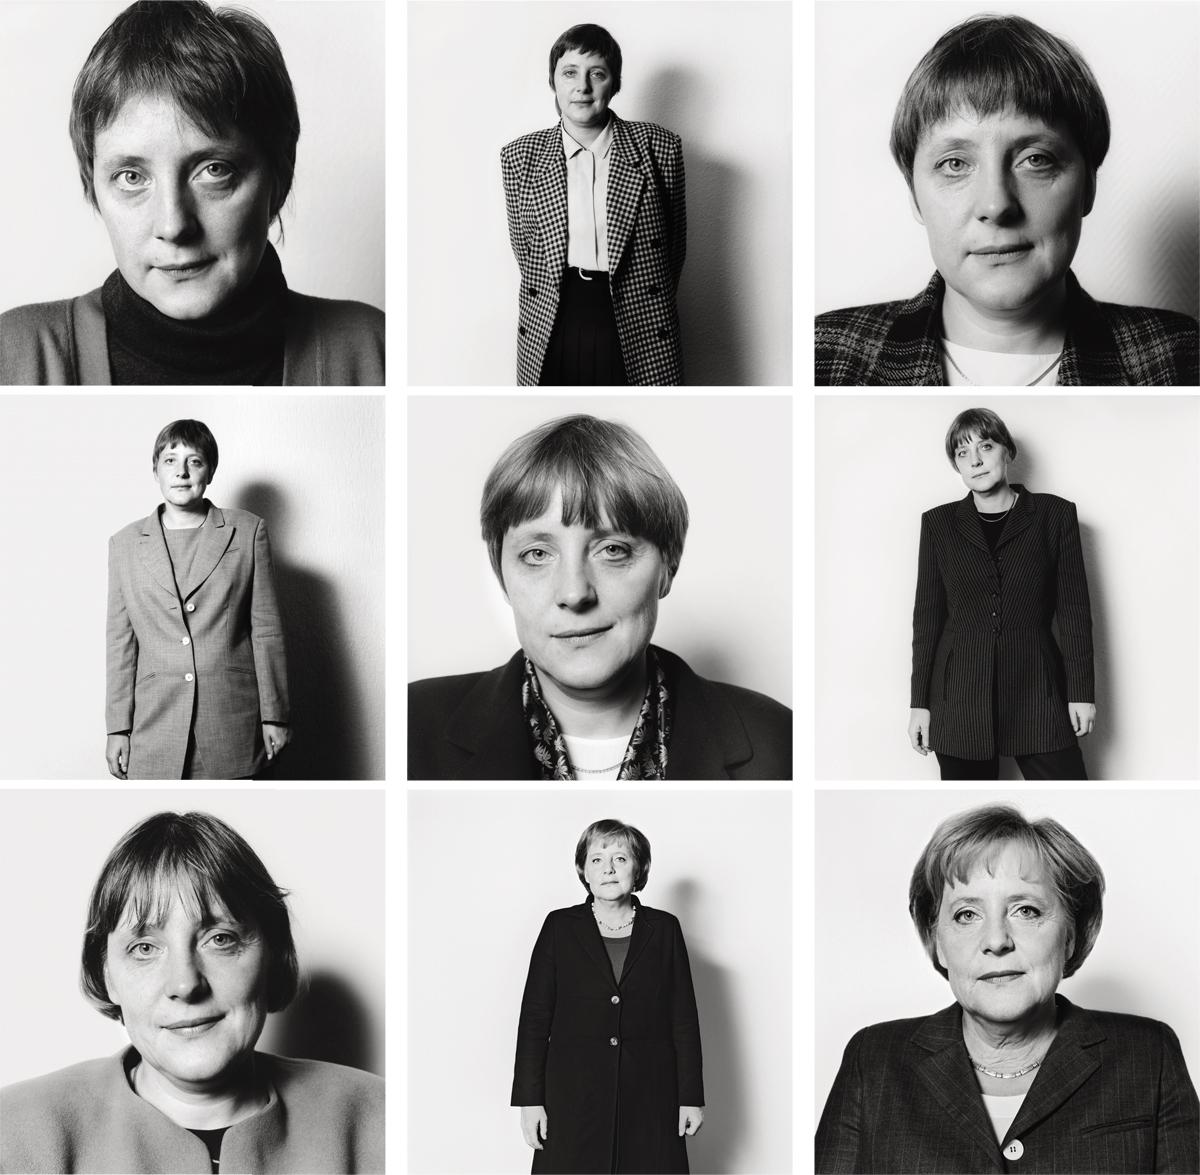 A fotógrafa Herlinde Koelbl retratou Angela Merkel durante anos, a partir de 1991. A moça do Leste que estreava na política da Alemanha reunificada ganhou confiança, mas nunca aparentou vaidade. O jeito de pessoa comum é um trunfo da chanceler